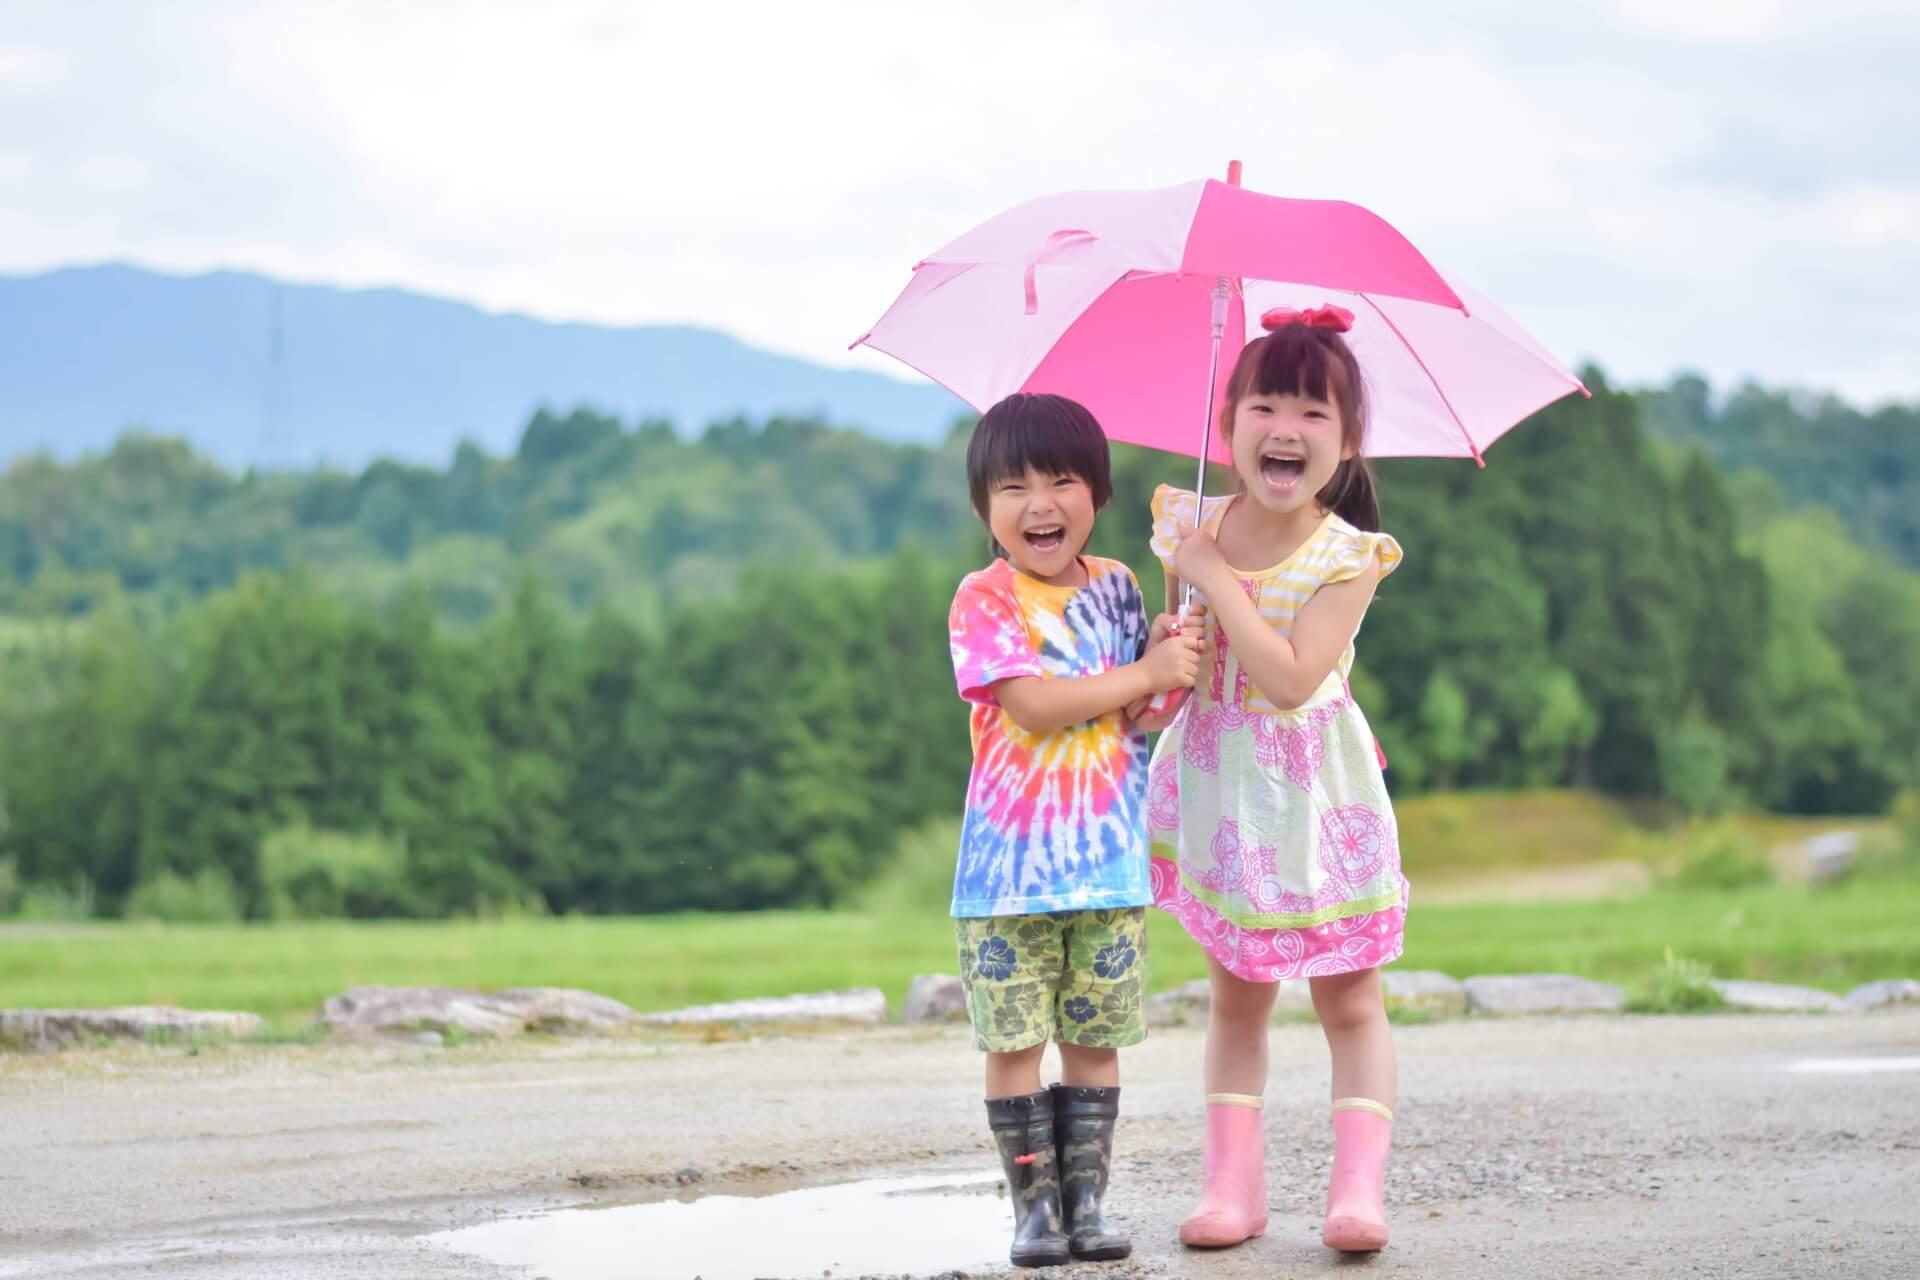 雨でも遊べる屋内施設